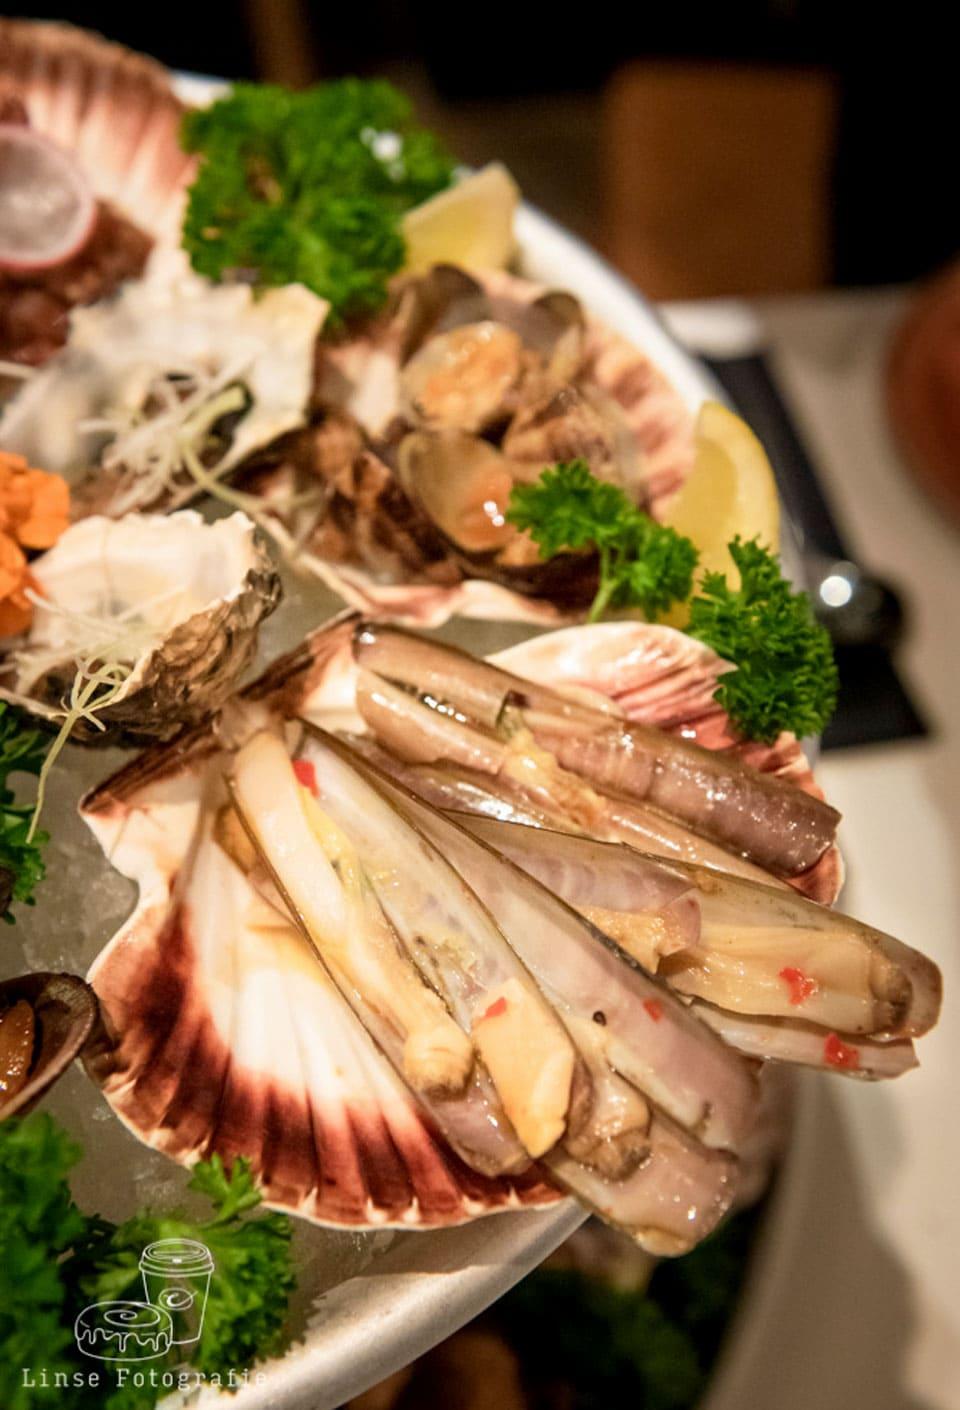 Seafood Platter bij Umami by han - Eindhoven - Foto gemaakt door Linse fotografie